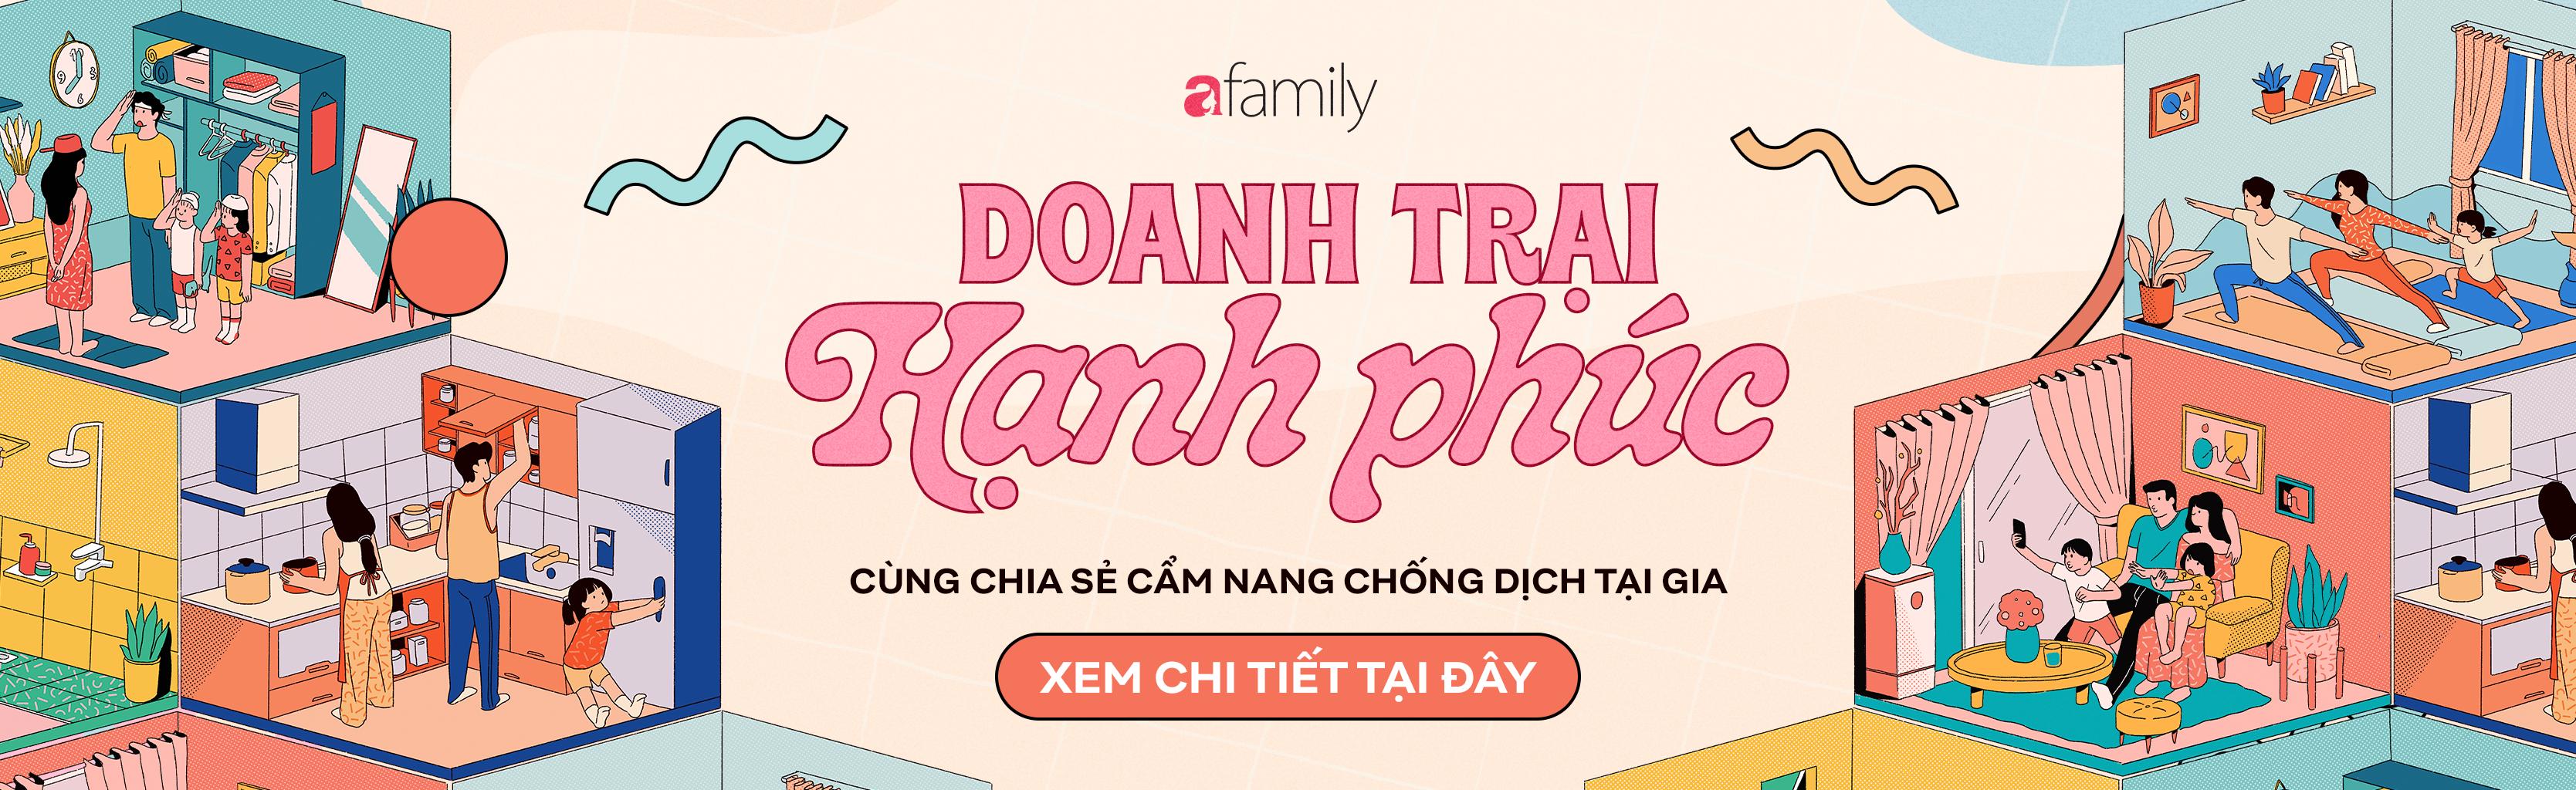 """Nhìn cách sao Việt và loạt hot mom – hot dad chụp ảnh gia đình đẹp như mơ bạn sẽ rút ra vài tip """"sống ảo"""" hay ho tại nhà  - Ảnh 9."""